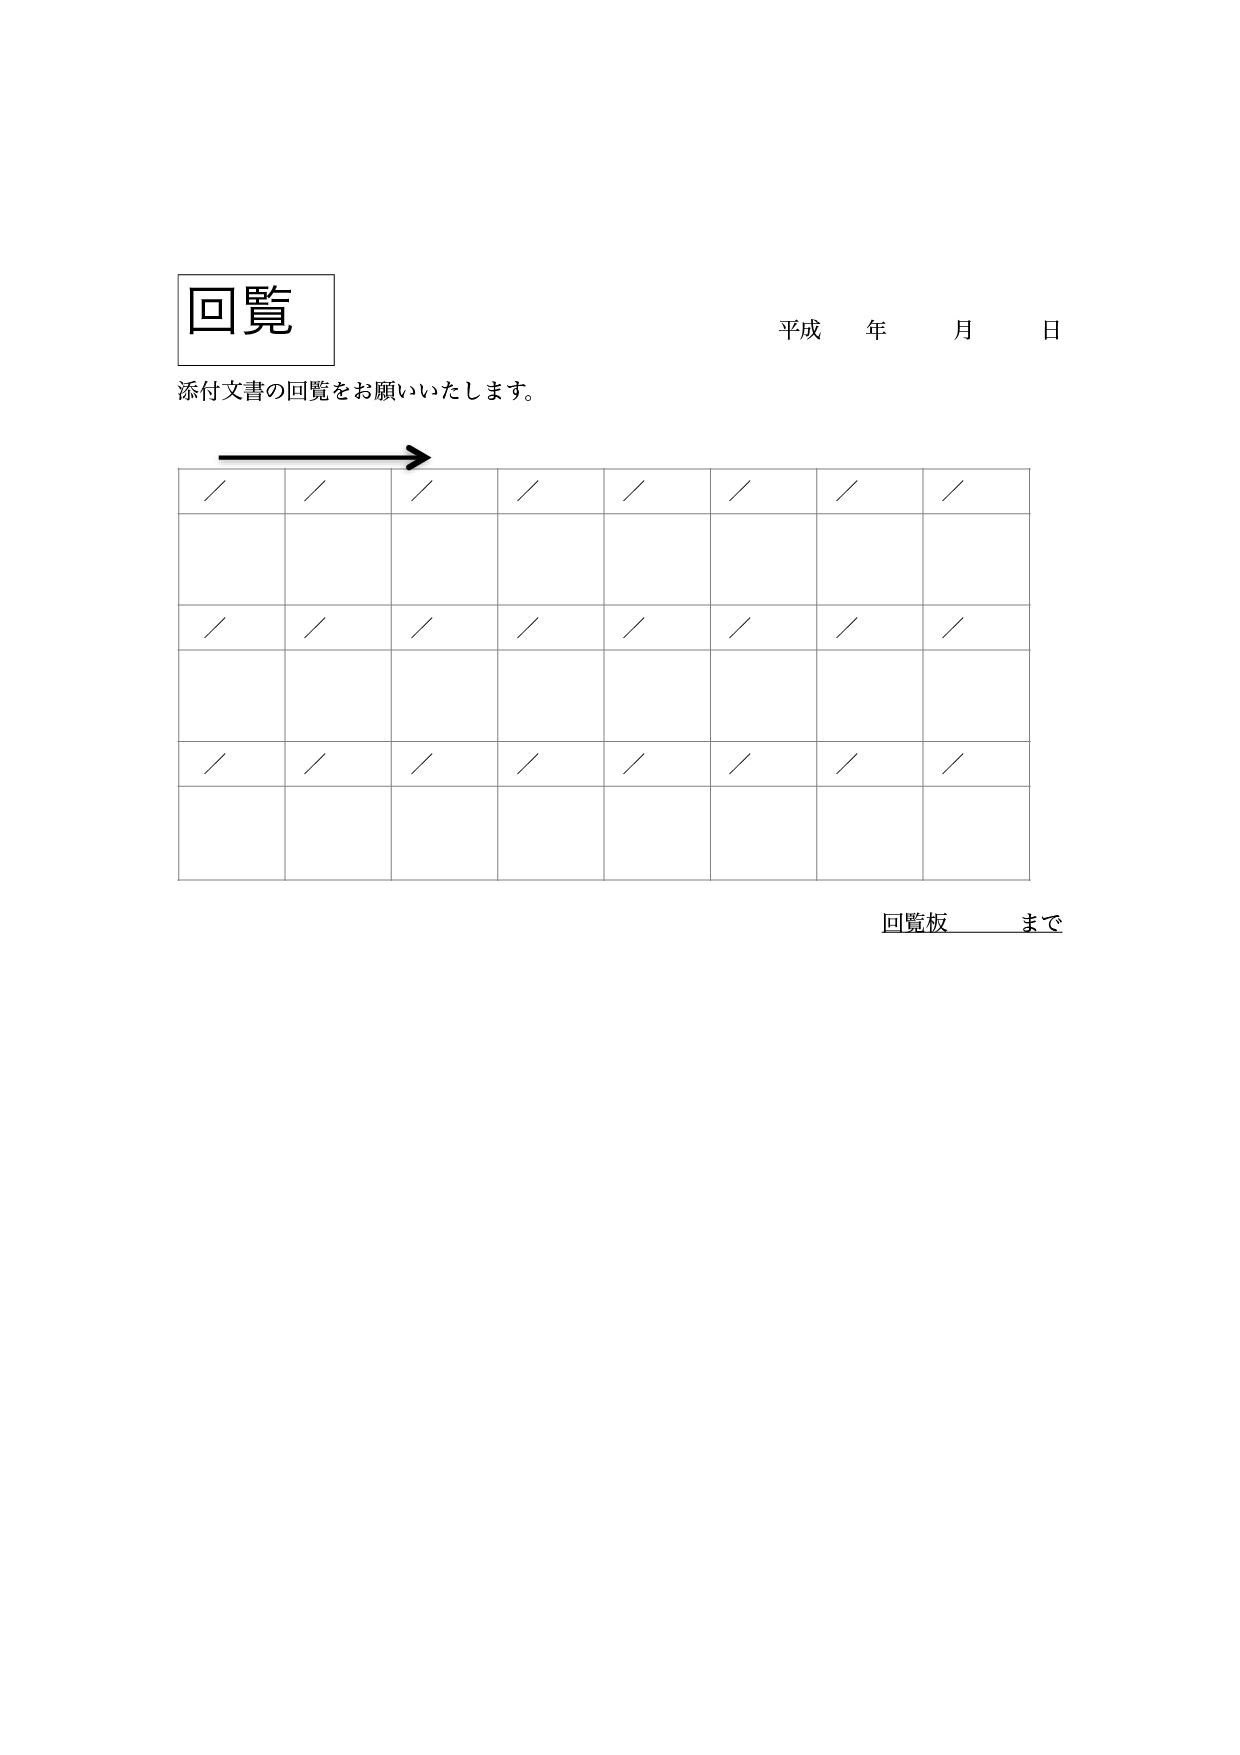 エクセル 2ページ pdf